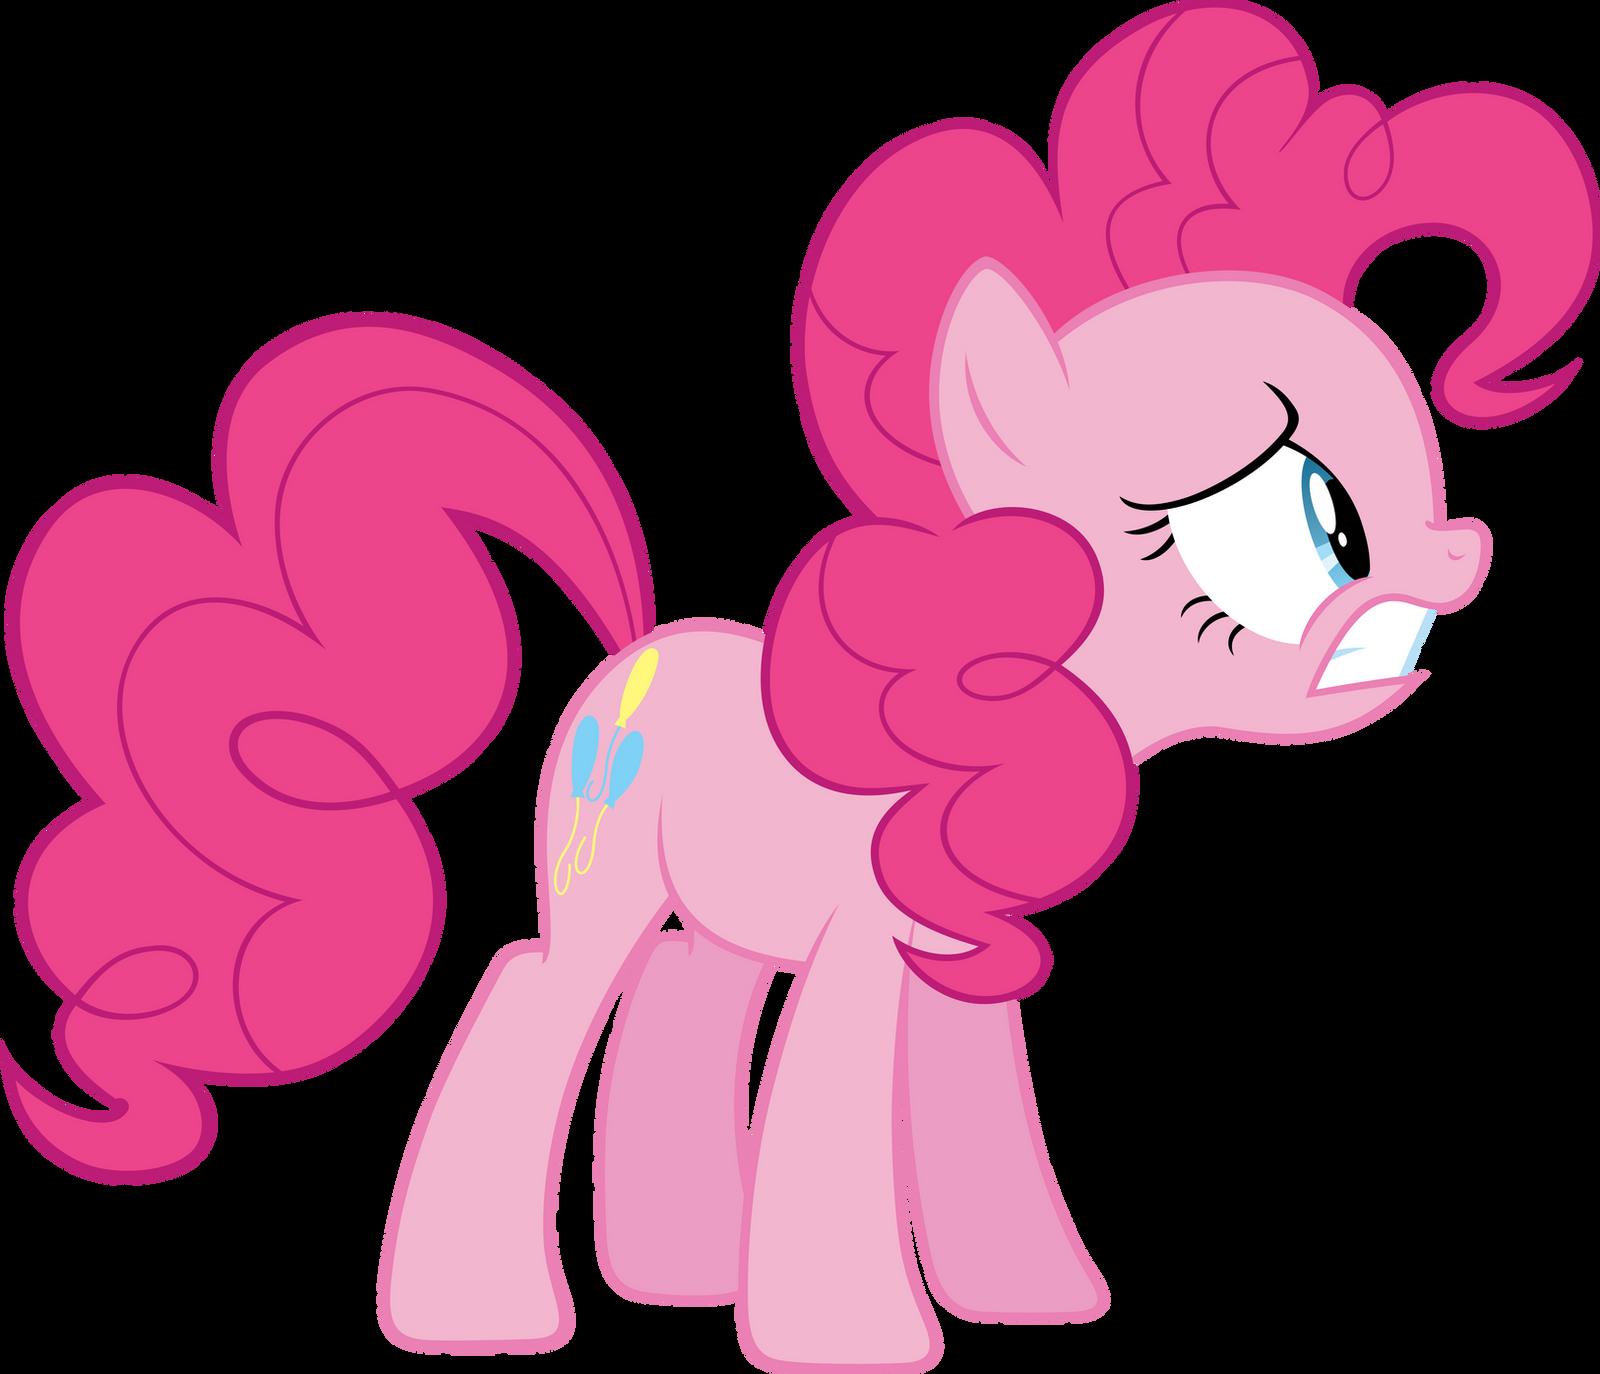 Pinkie Pie distressed by Myardius